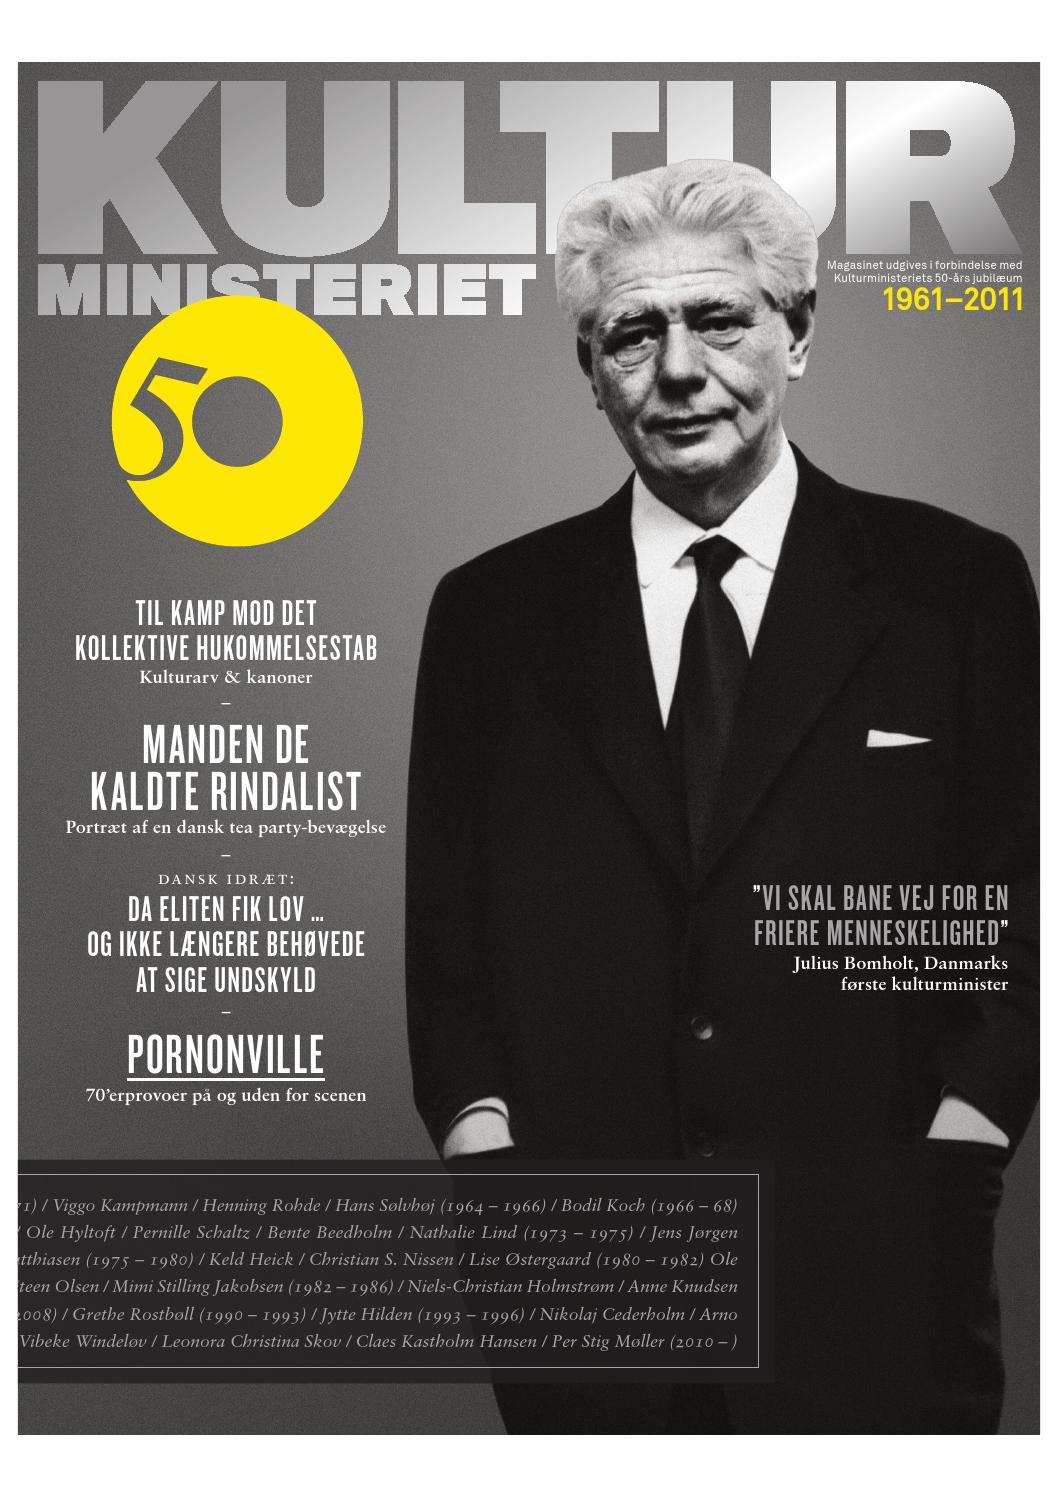 7d5af6f5 Kulturministeriets jubilæum magasin by Slots- og Kulturstyrelsen - issuu